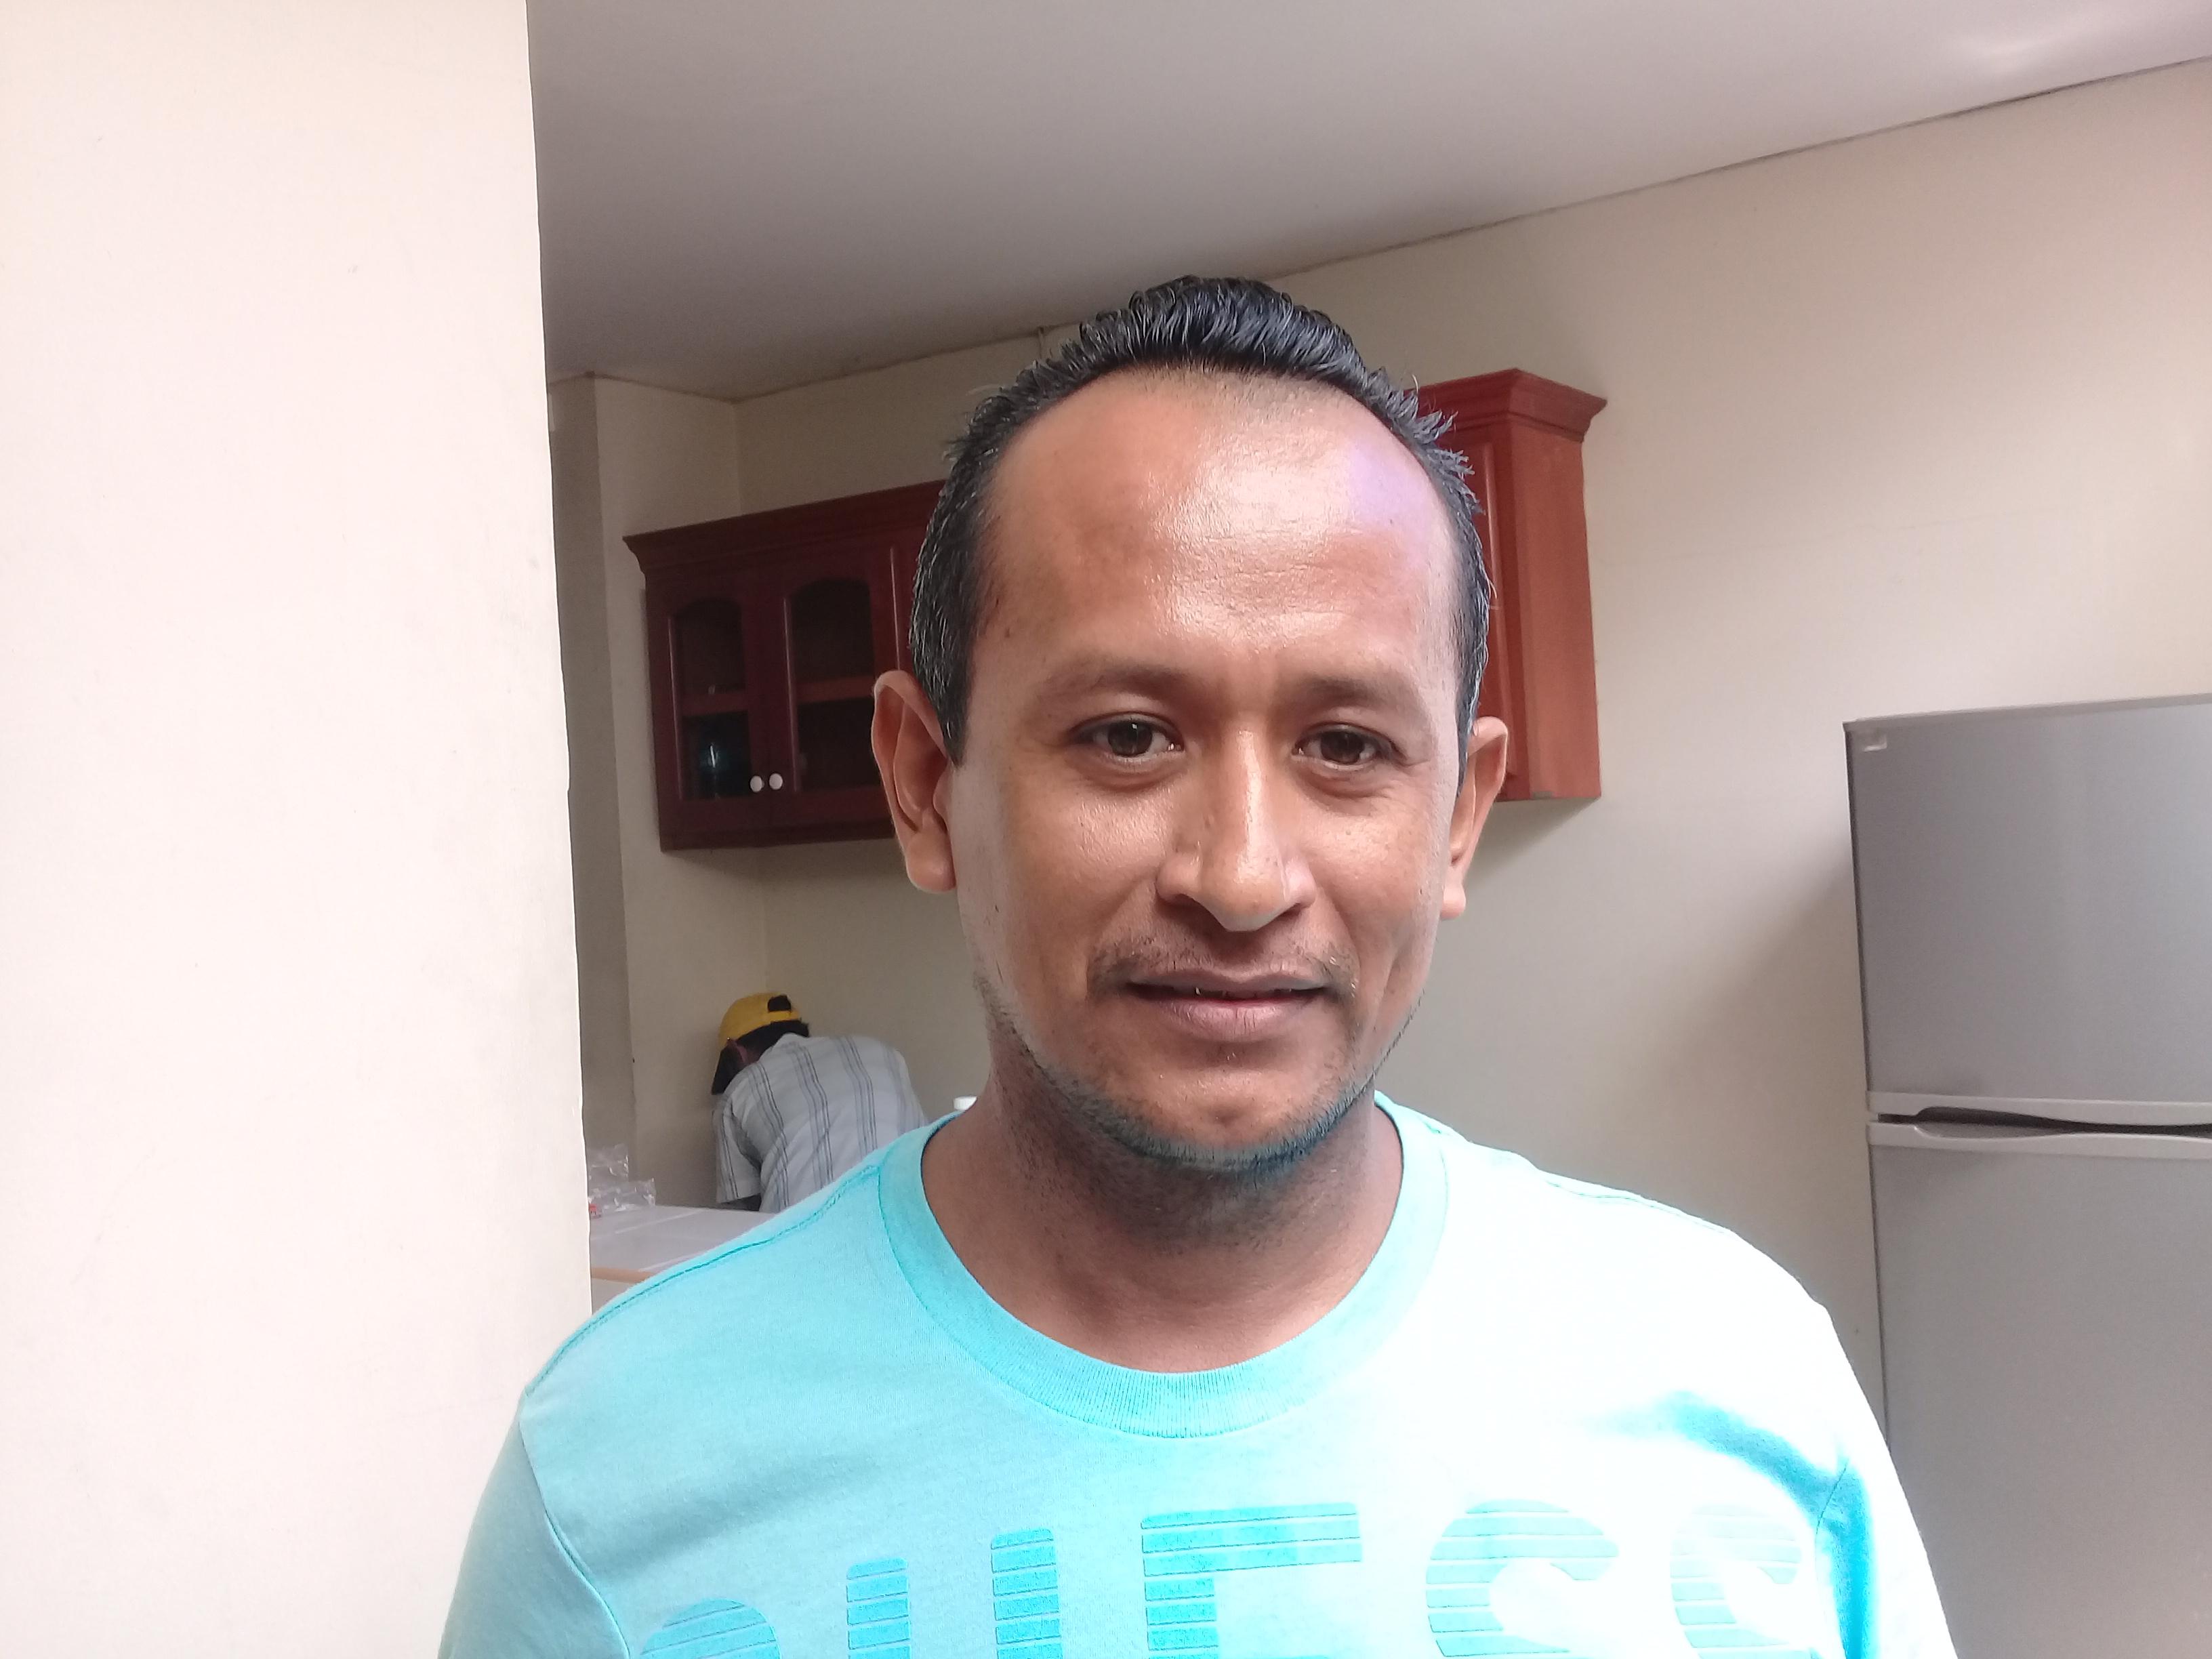 José Noel García, enfermo de IRC originario de Chinandega. Fotografía: A.Mogollón/Artículo66